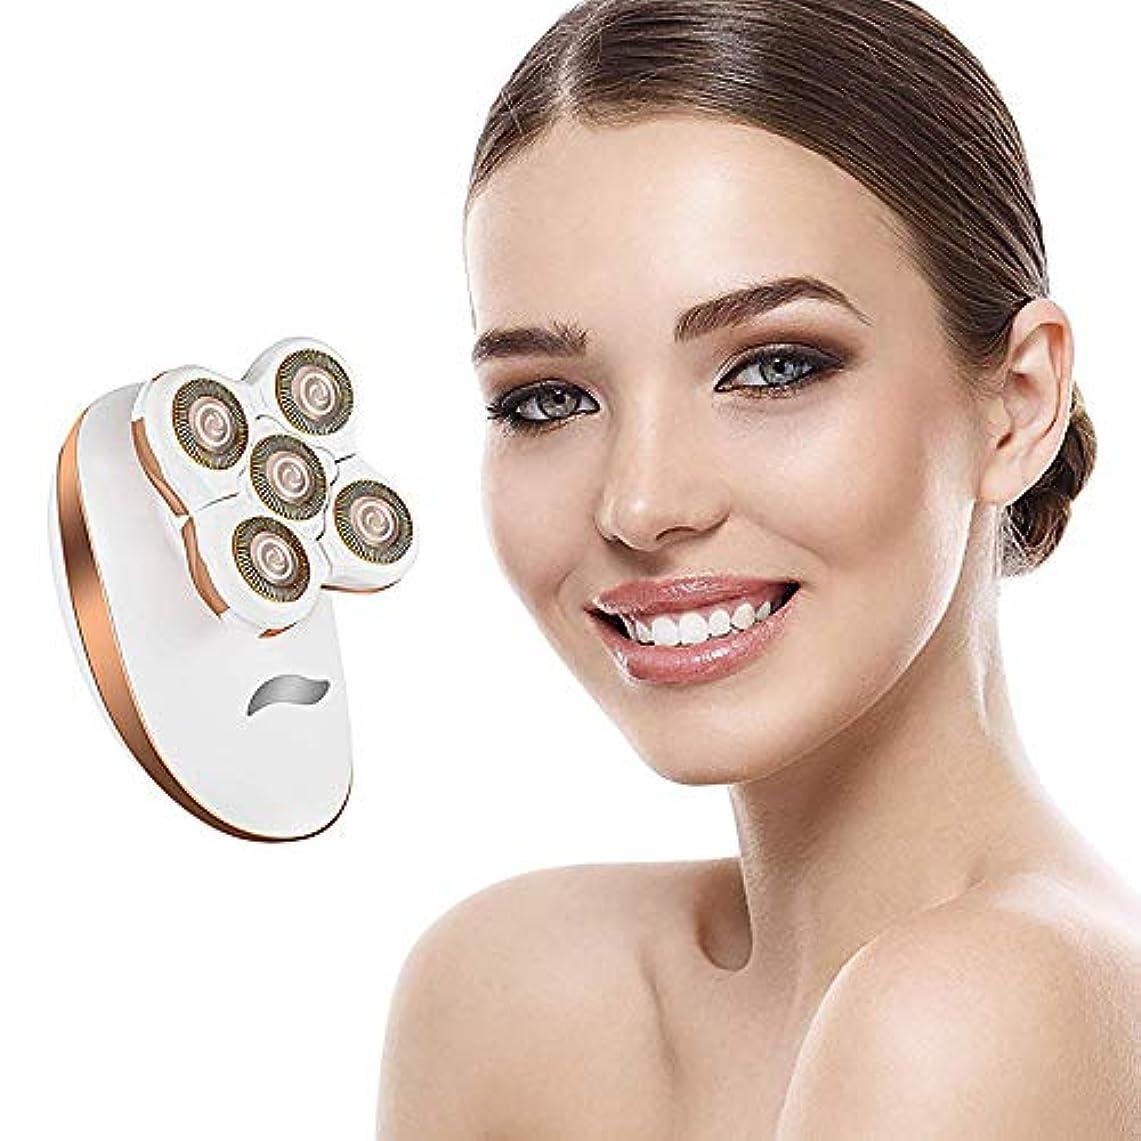 実験をする定義する割れ目女性用脱毛器、脱毛電動シェーバー充電式トリマーカミソリ、足用の5つのフローティングヘッド、顔、ビキニライン